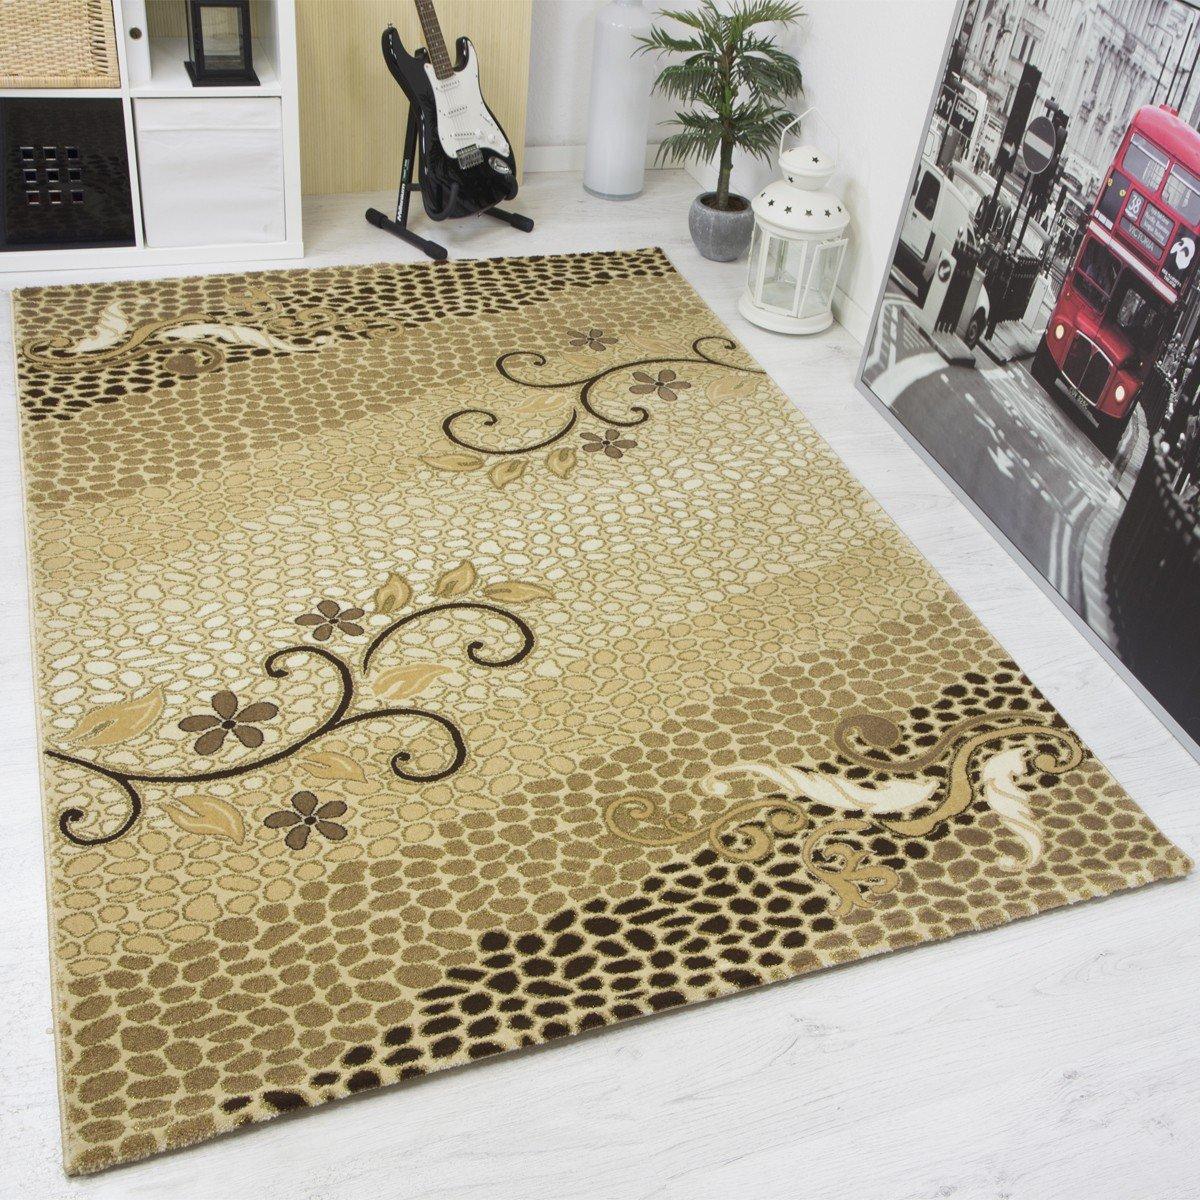 VIMODA Moderner Designer Teppich mit Glitzereffekt Edel Elegant in versch Größen in Gold Beige - Top Qualität und Sehr Pflegeleicht, Maße  200x290cm